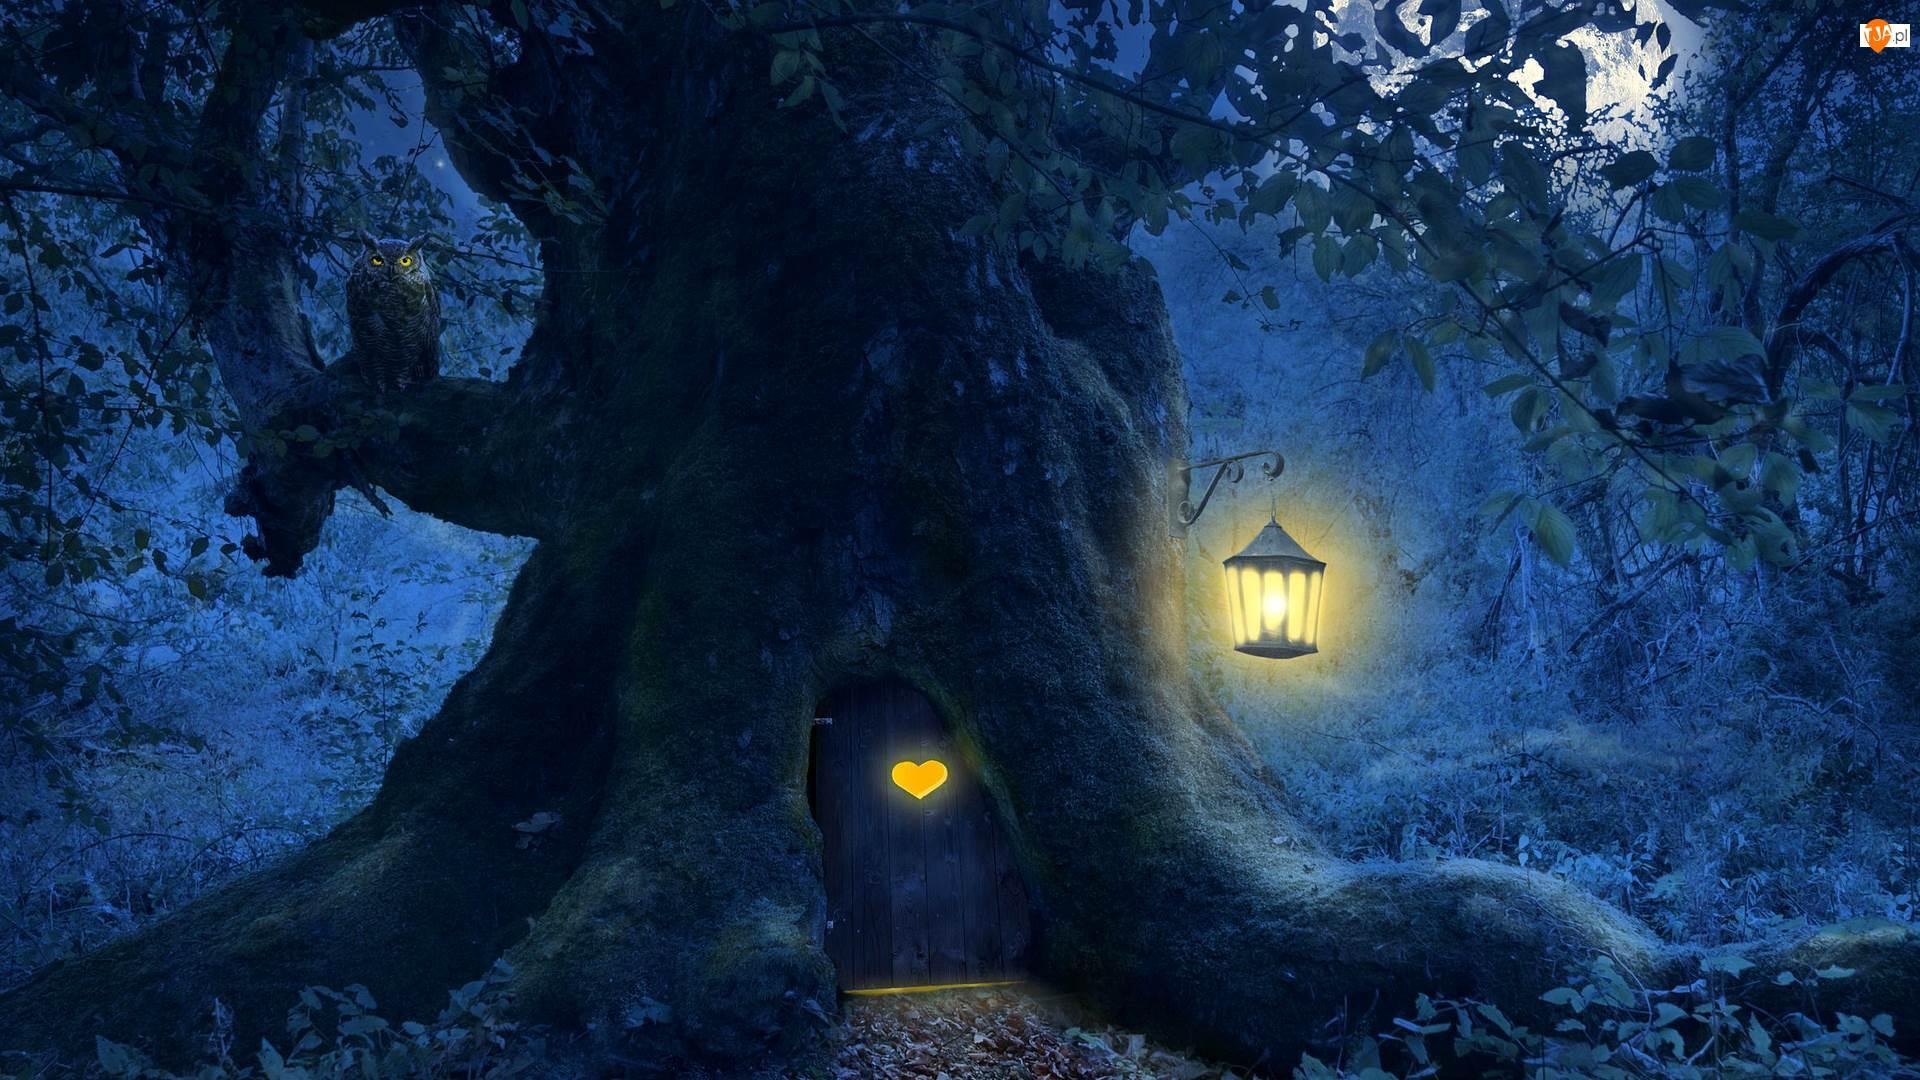 Drzewo, Noc, Sowa, 2D, Drzwi, Lampion